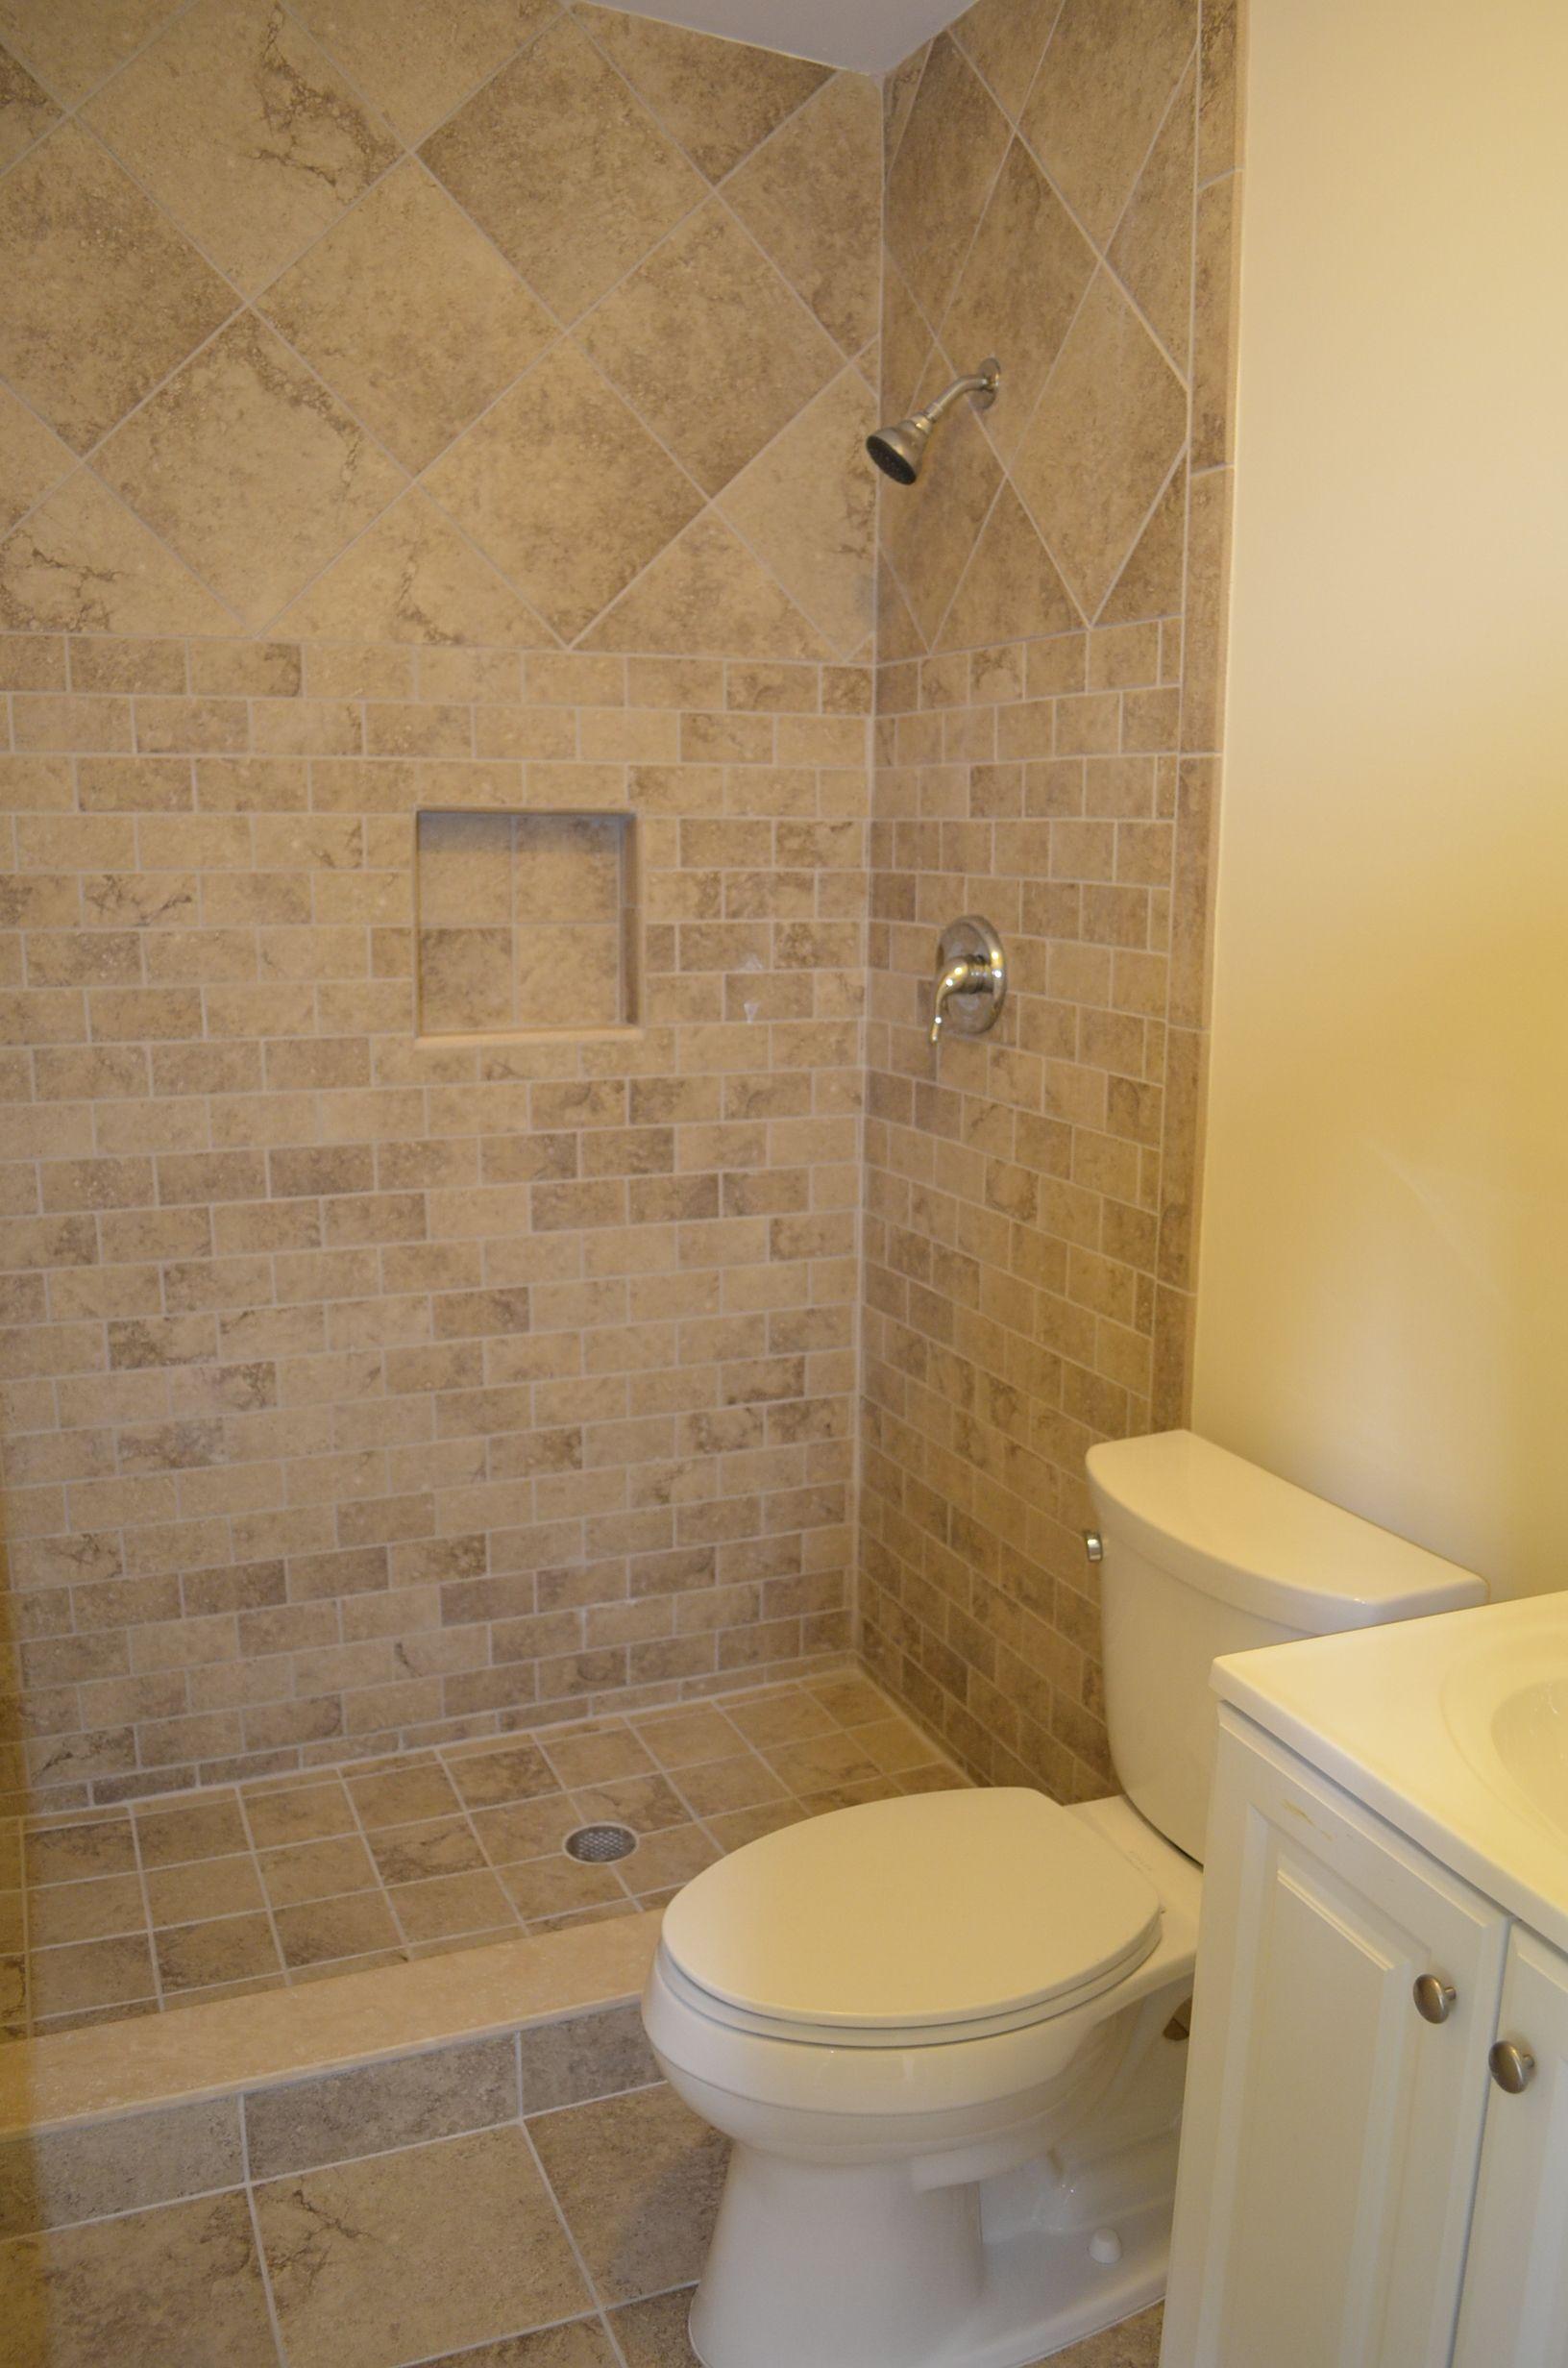 Bathroom Fixtures West Palm Beach small apartment shower bathroom design. west palm beach, fl